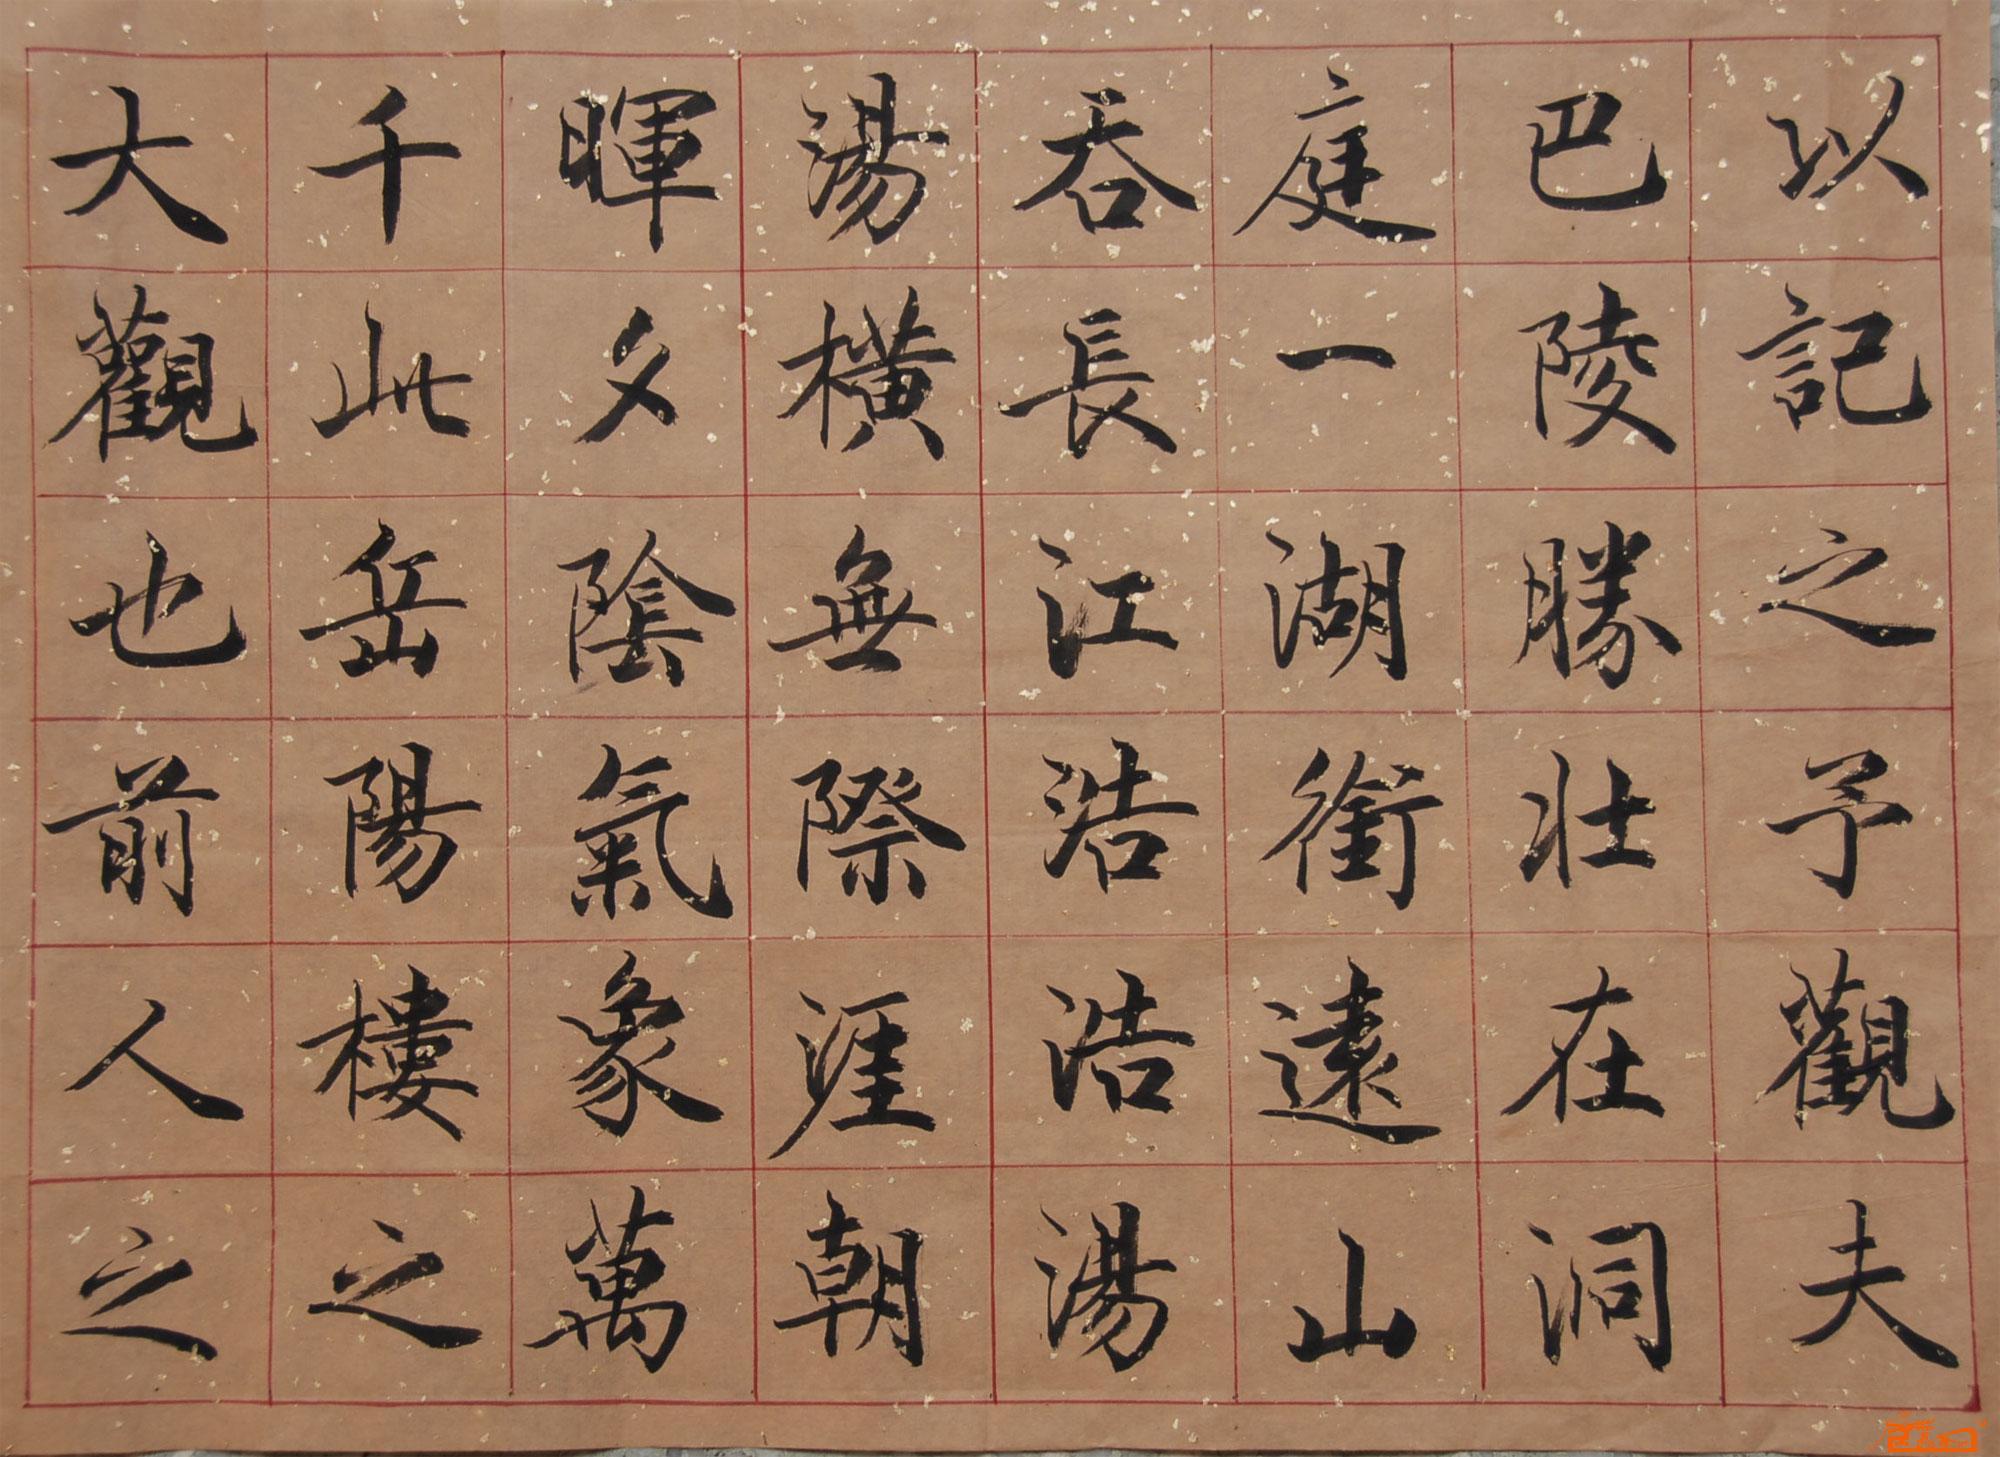 书法 名家 柳金善国际艺术席位作品交易平台图片